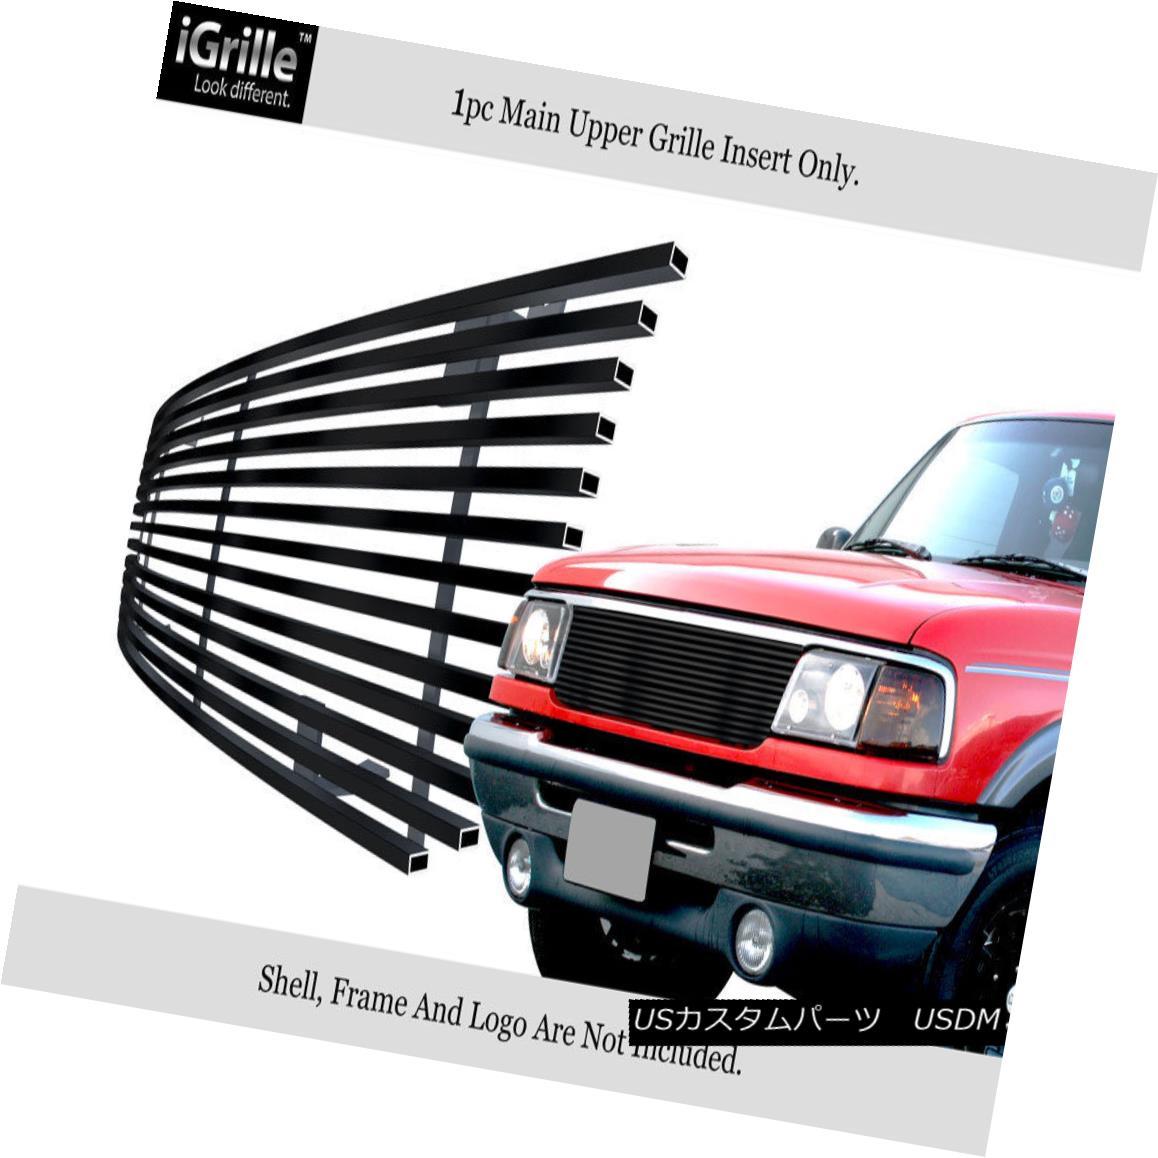 グリル Fits 1993-1997 Ford Ranger Black Stainless Steel Billet Grille Grill Insert フィット1993-1997フォードレンジャー黒ステンレス鋼ビレットグリルグリルインサート